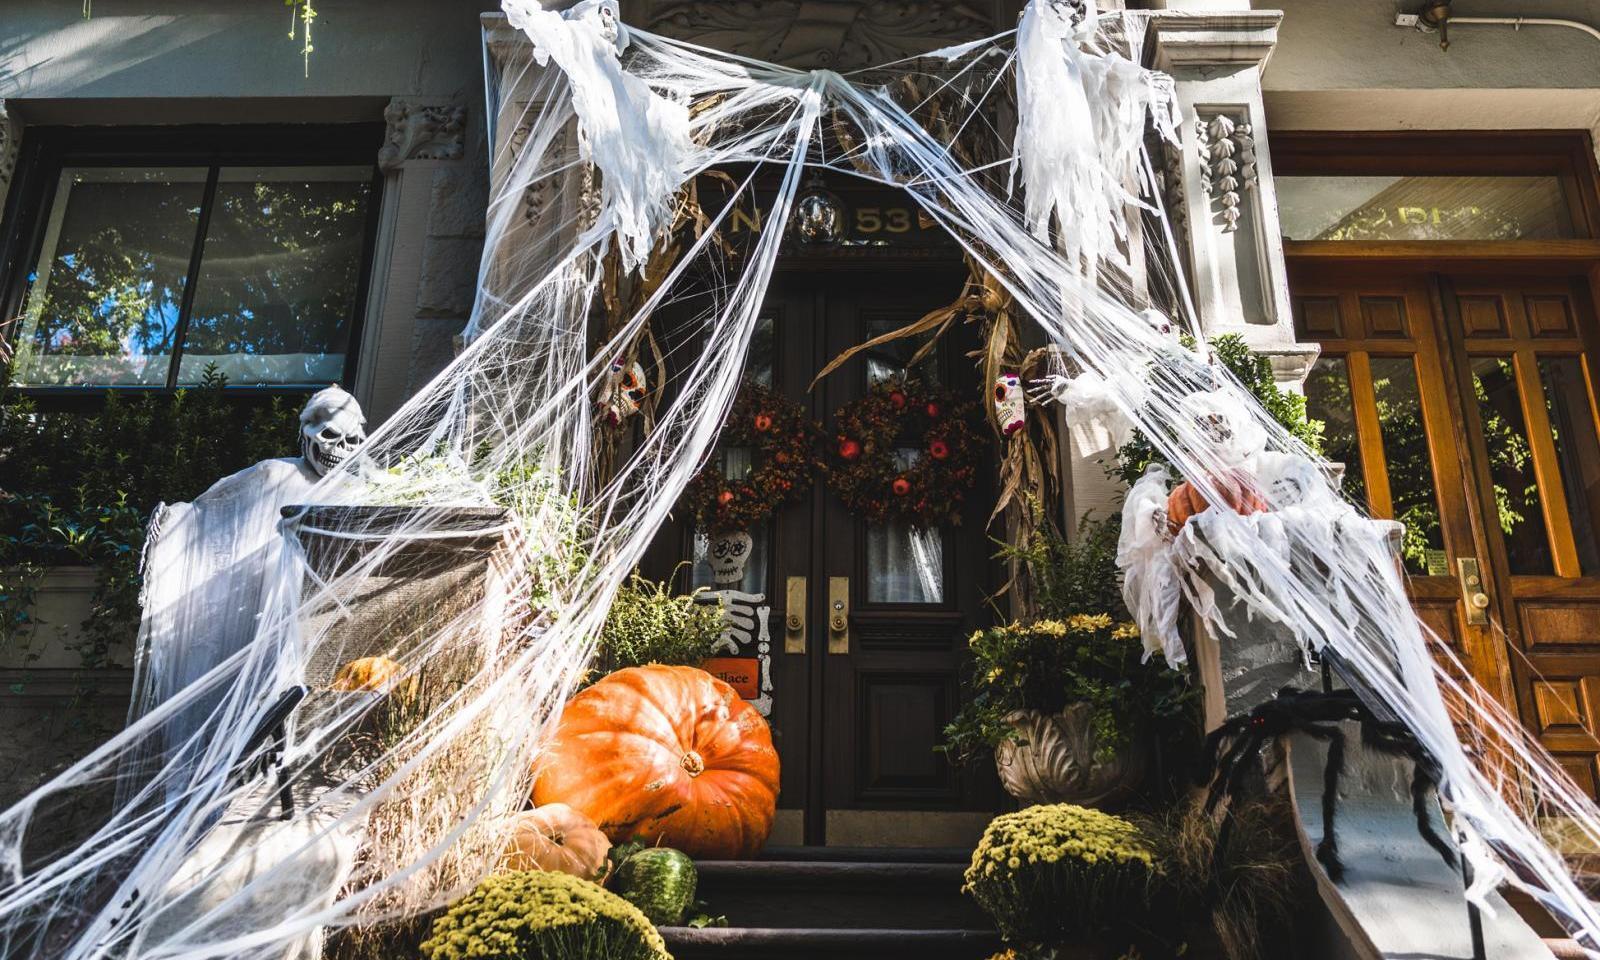 Halloween New York 2020 Para NiñOs De 3 A 5 AñOs ▷ Halloween en Nueva York | Consejos para la noche más